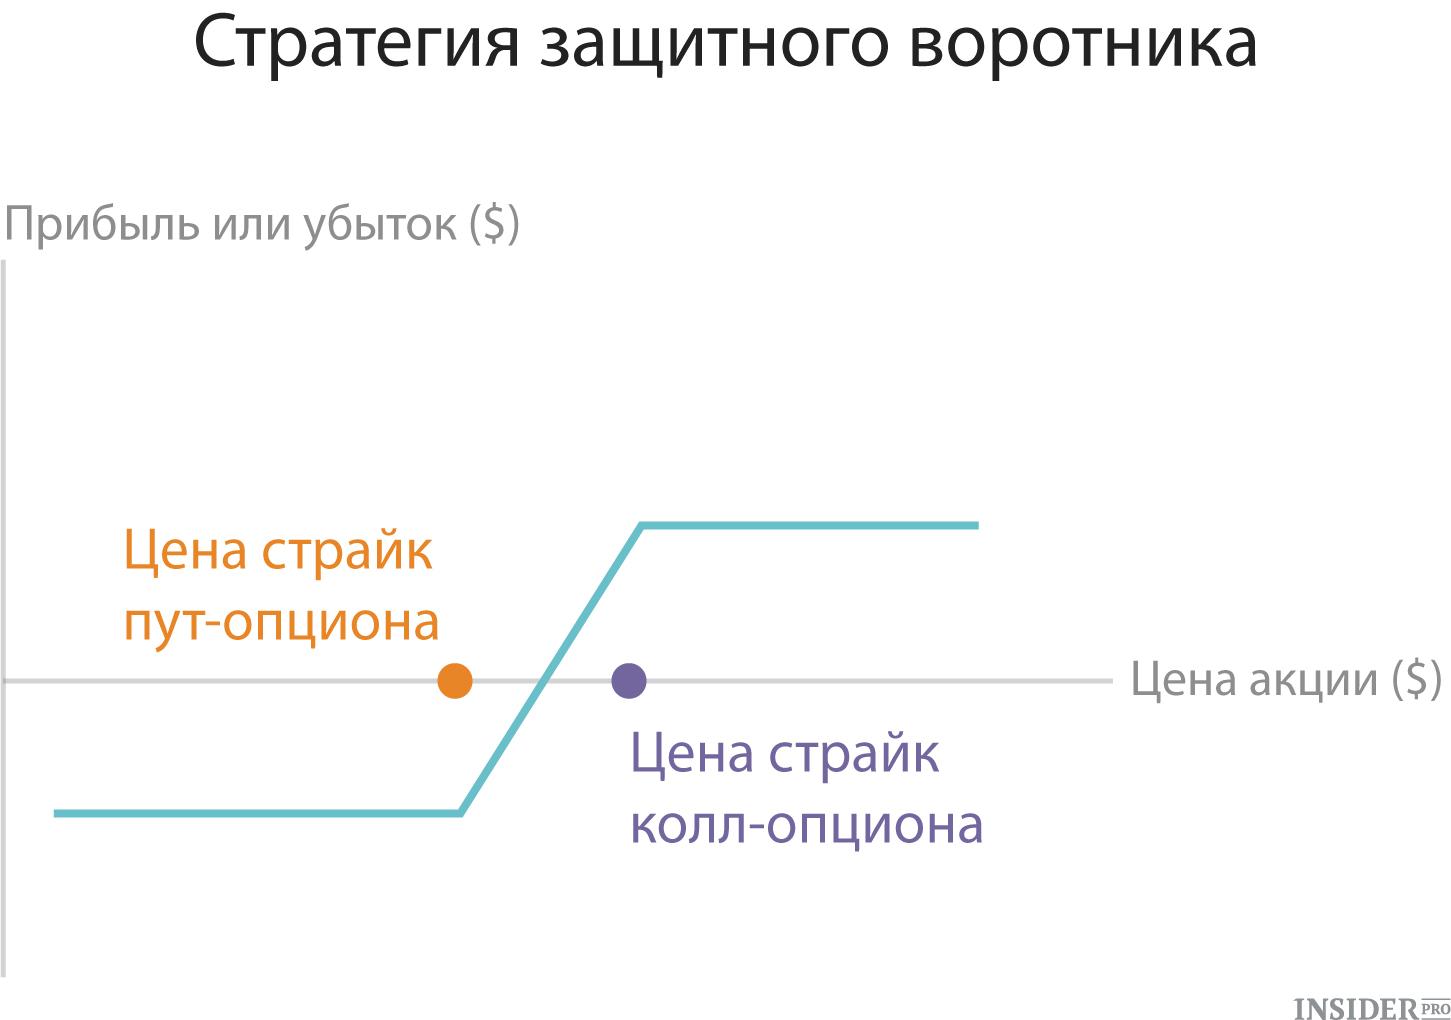 5 iespēju stratēģija)